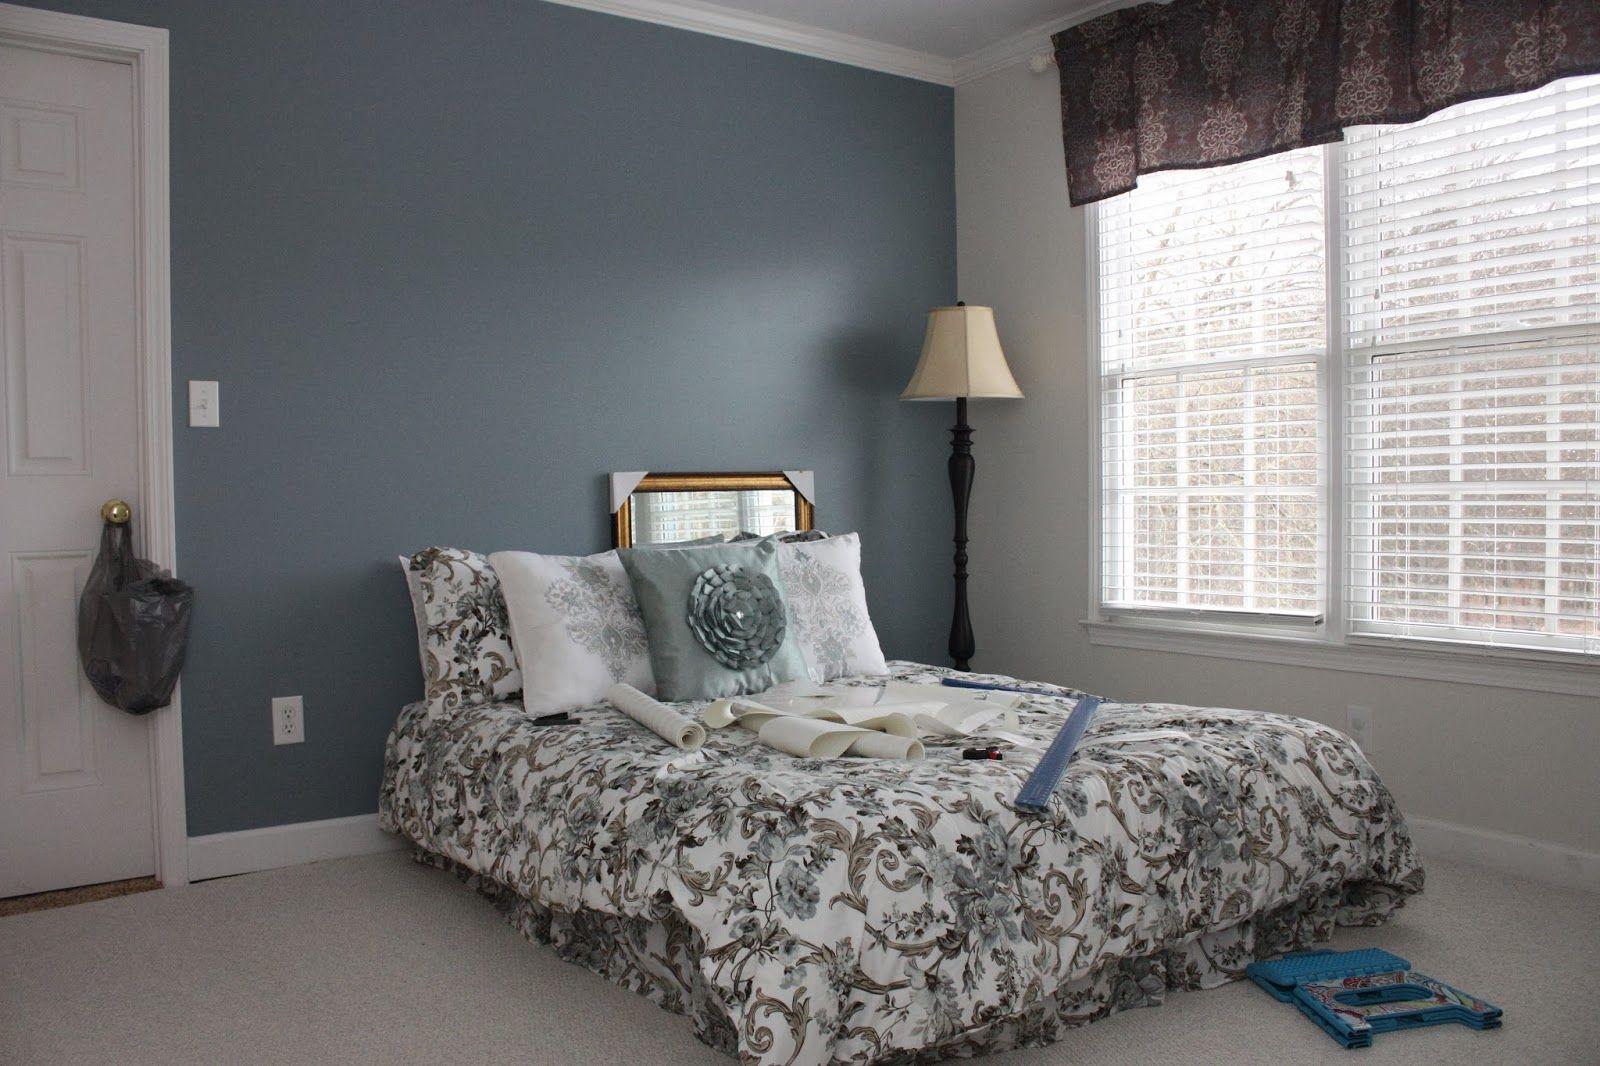 Van Courtland Blue Remodel Bedroom Guest Small